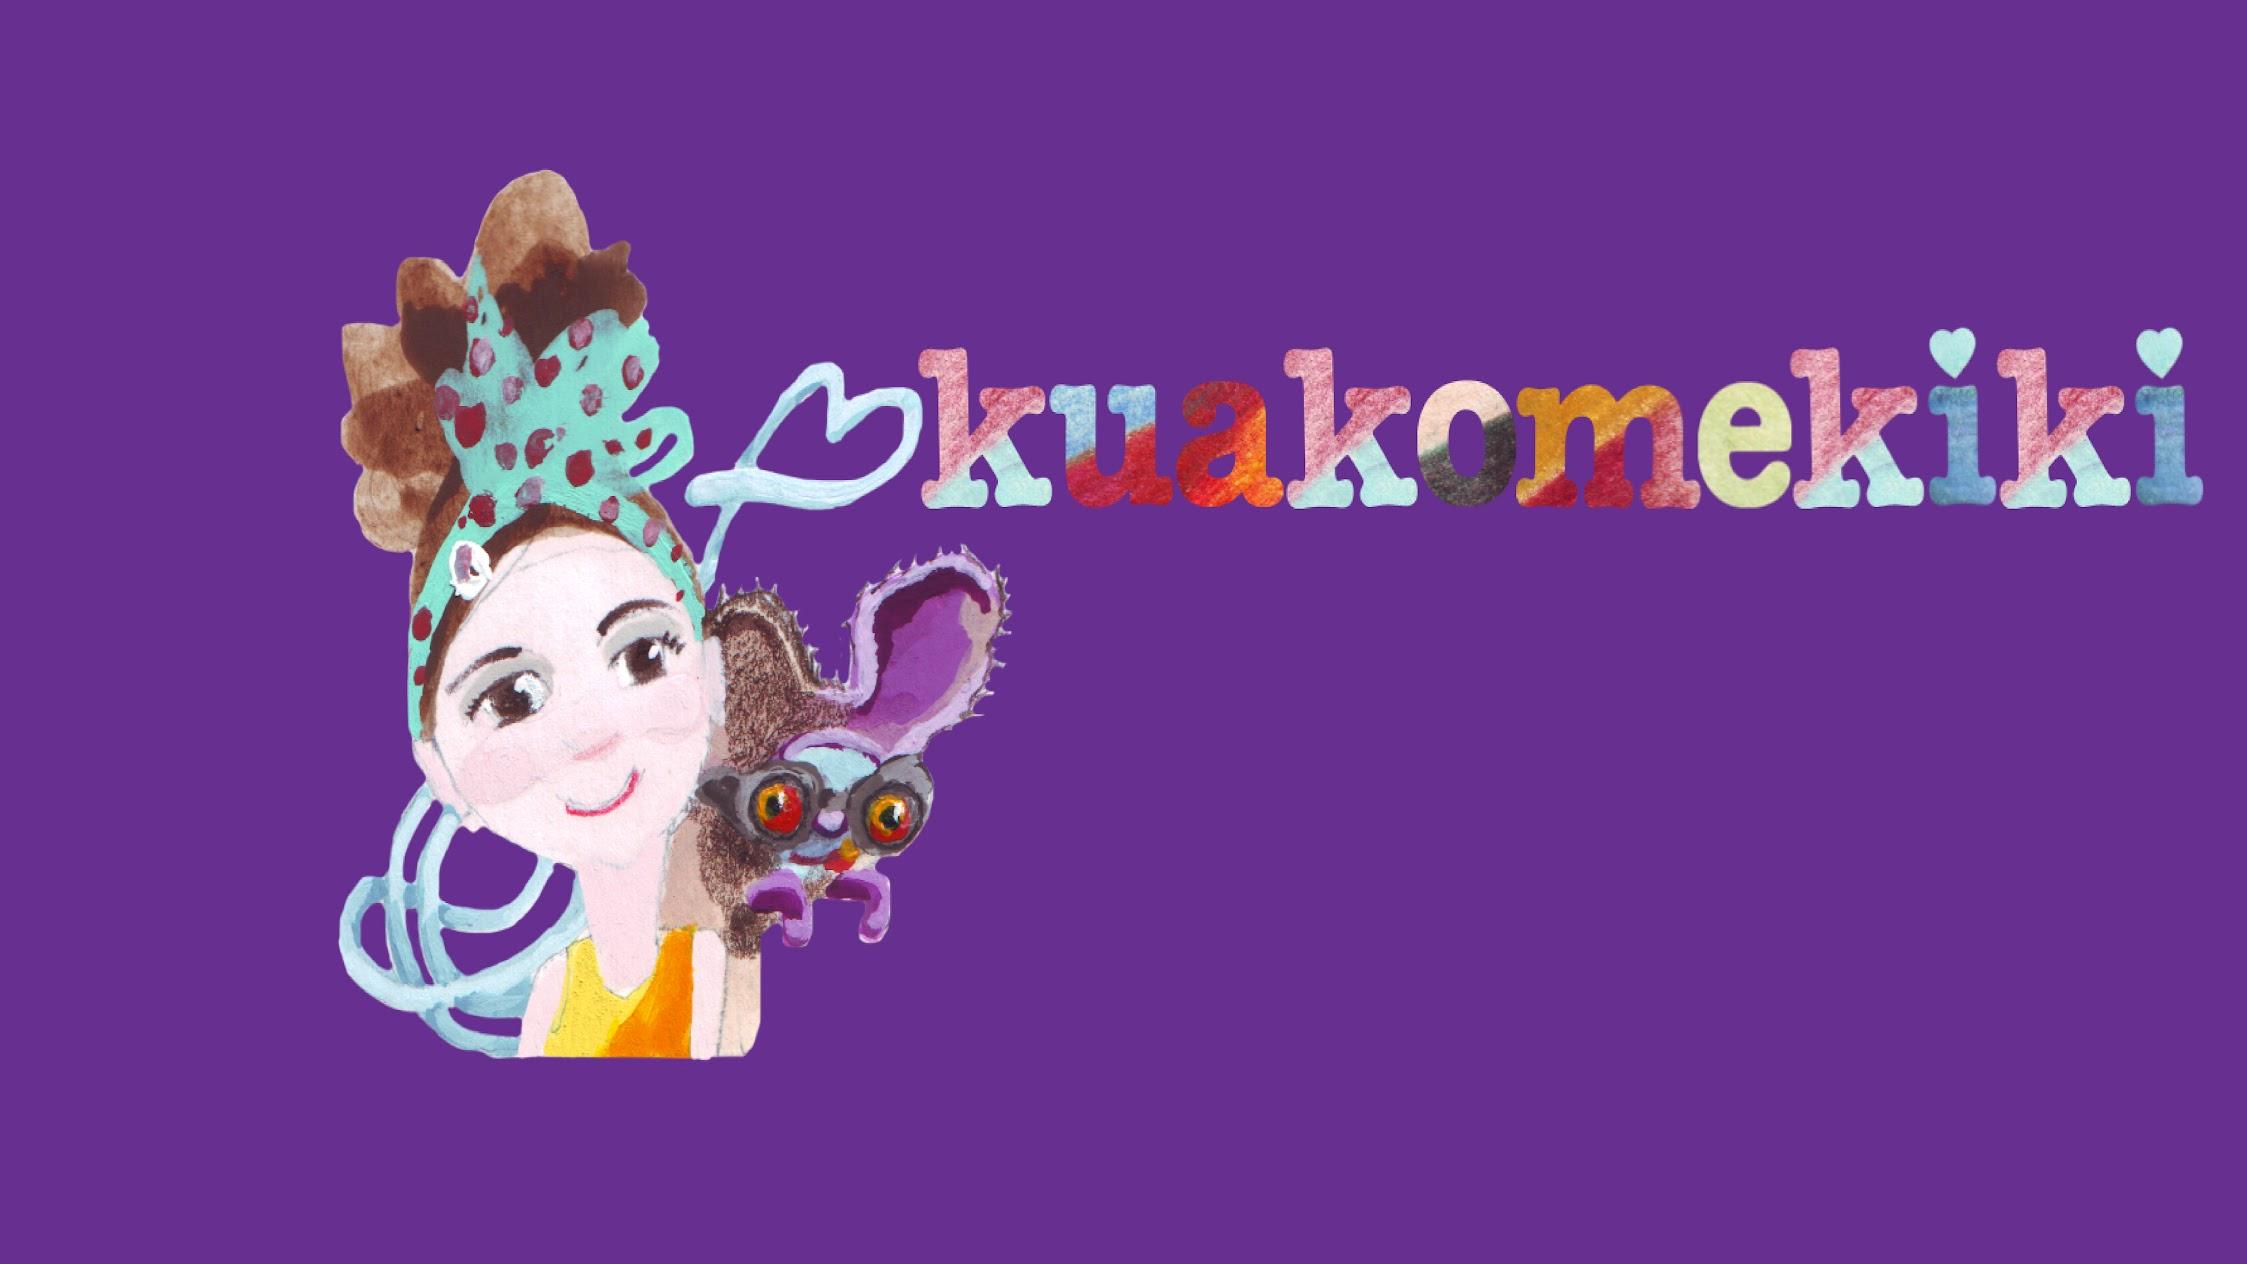 Kuakomekiki